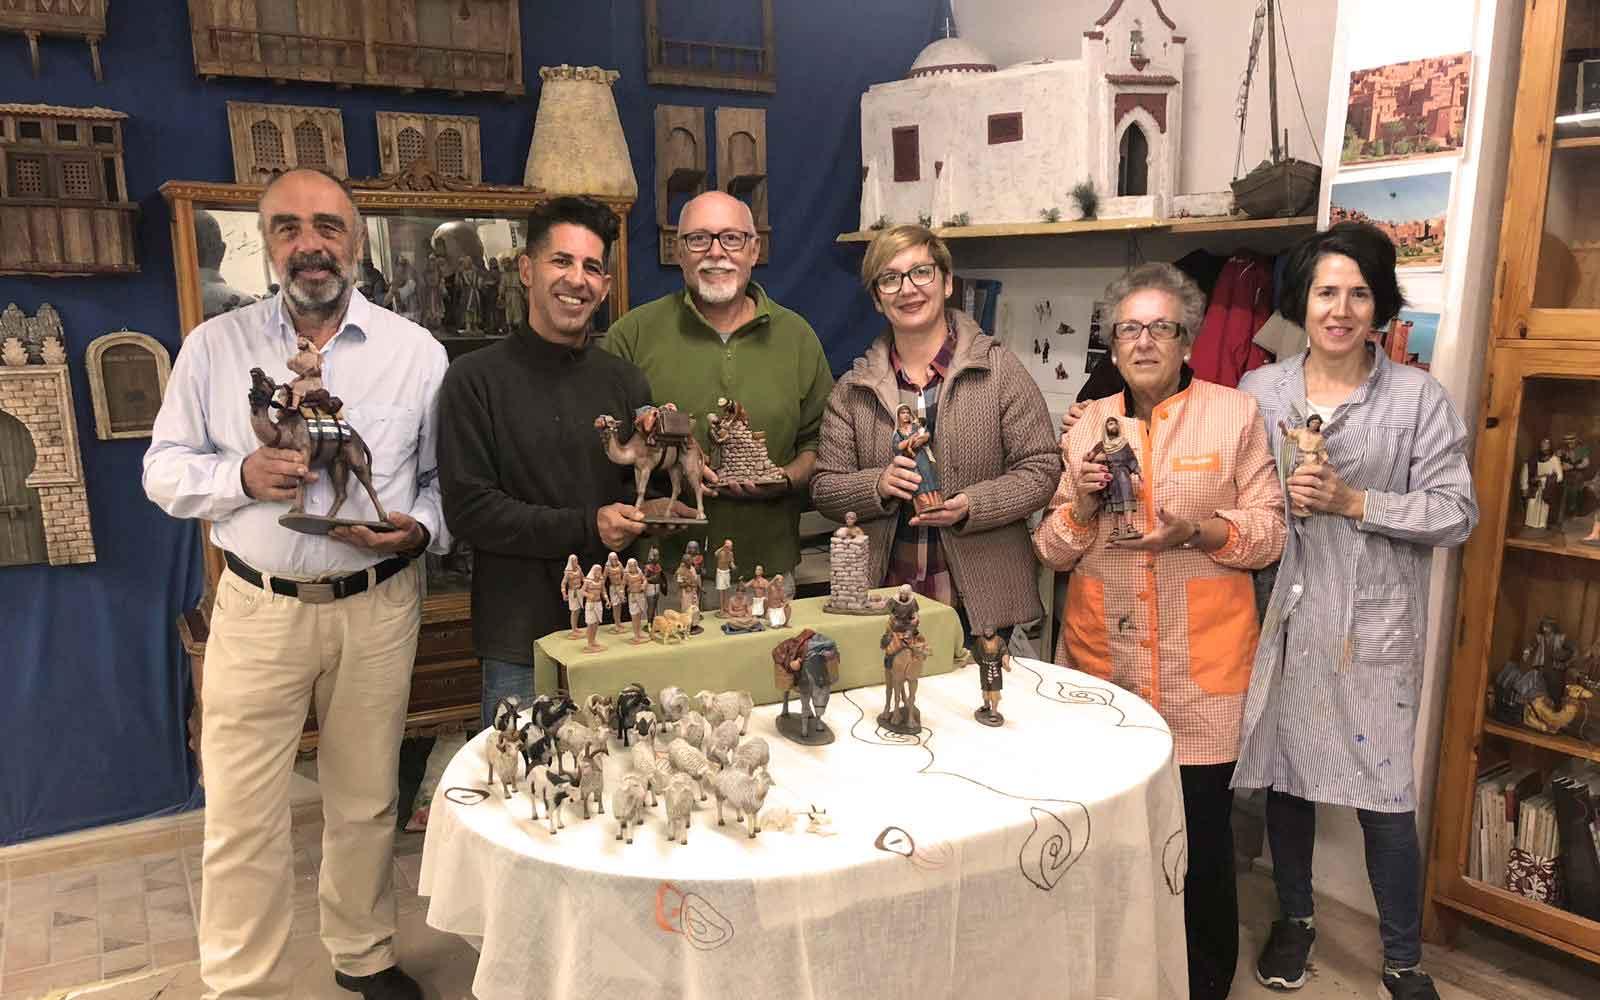 El Ayuntamiento de Santa Pola hace entrega de las nuevas figuras del Belén a la Asociación de belenistas